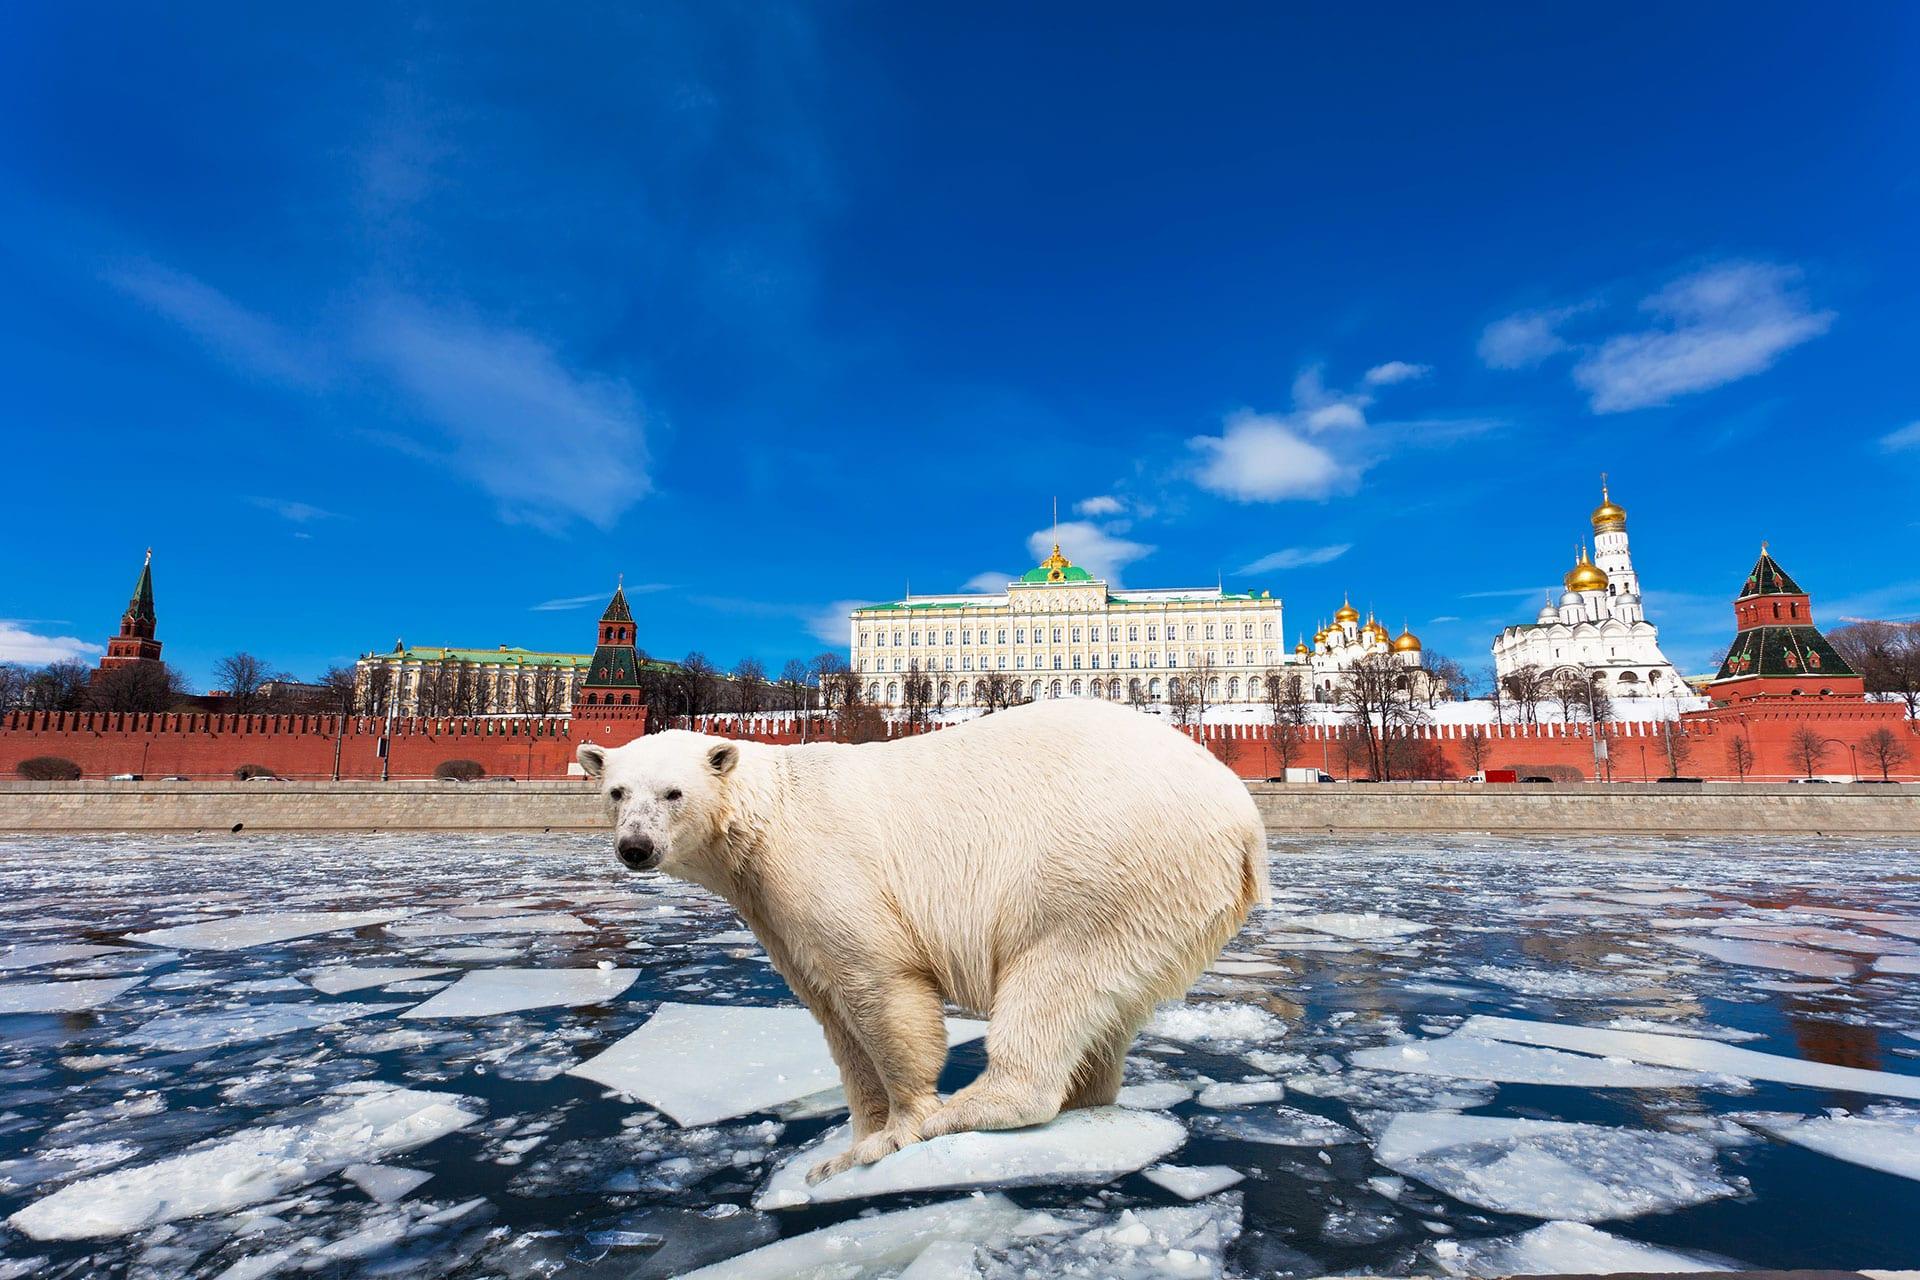 venäjän opiskelu on haastavaa mutta hauskaa -